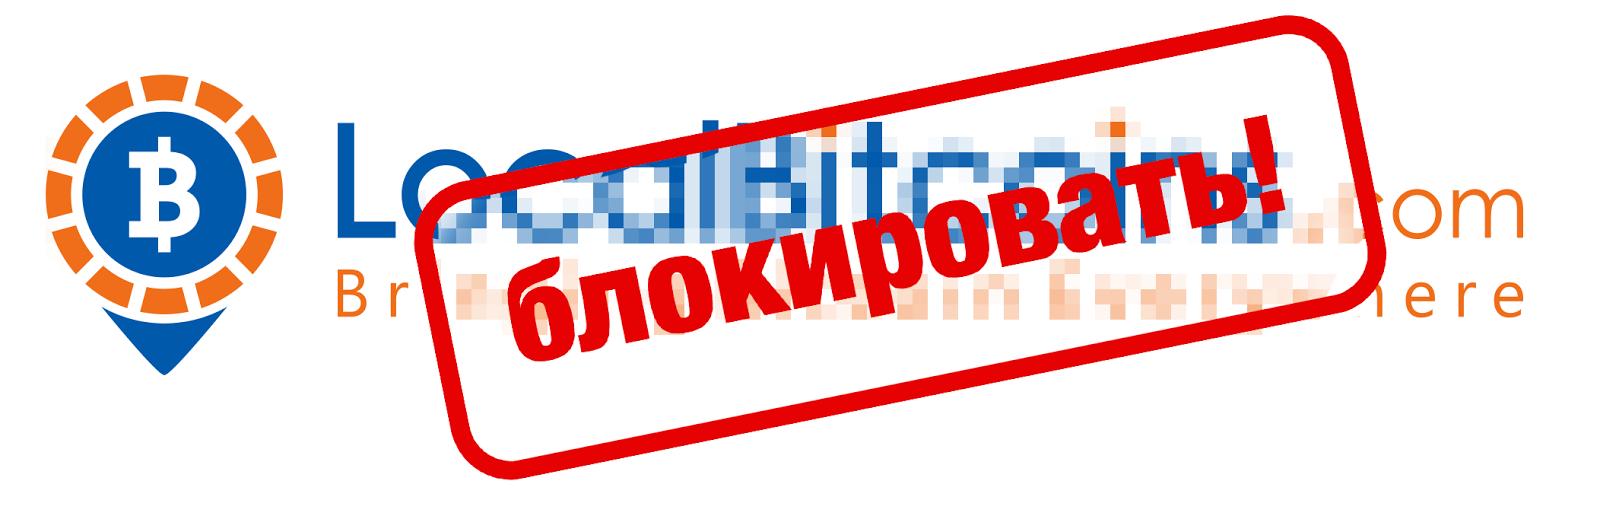 Заблокировать тор браузер hyrda вход скачать тор браузер оф сайта гирда